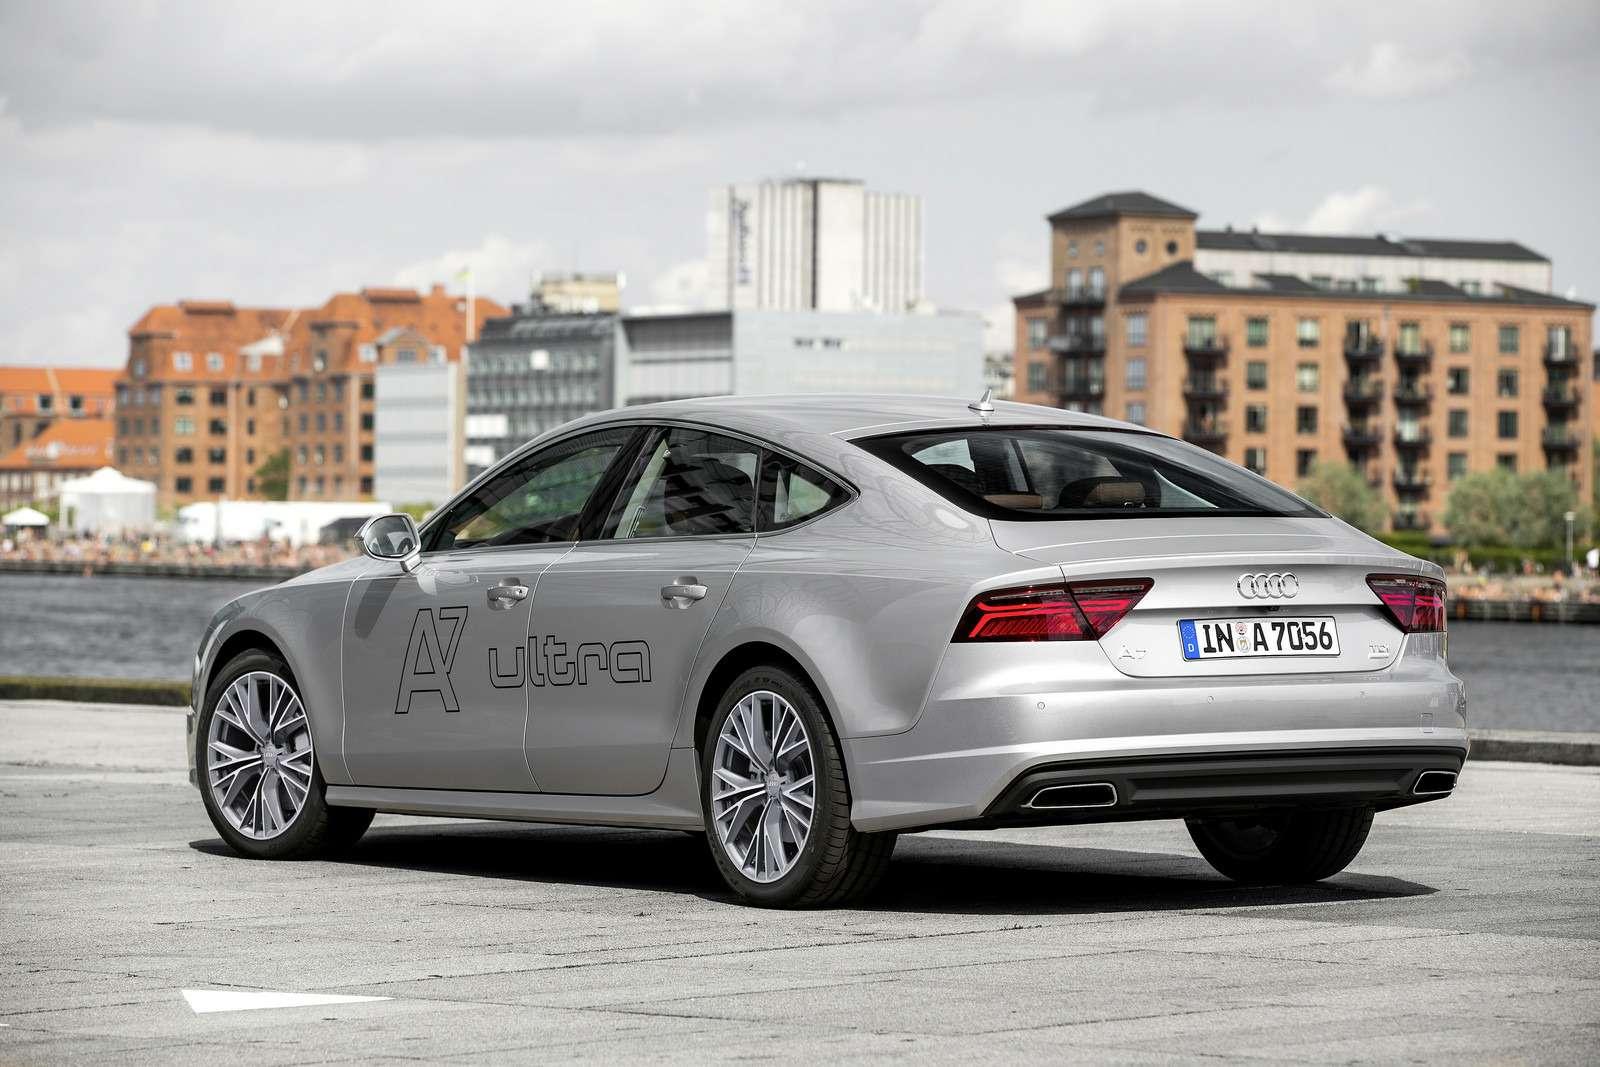 Обновленное семейство Audi A6/A7 хочет понравиться гаджетоманам— фото 579077